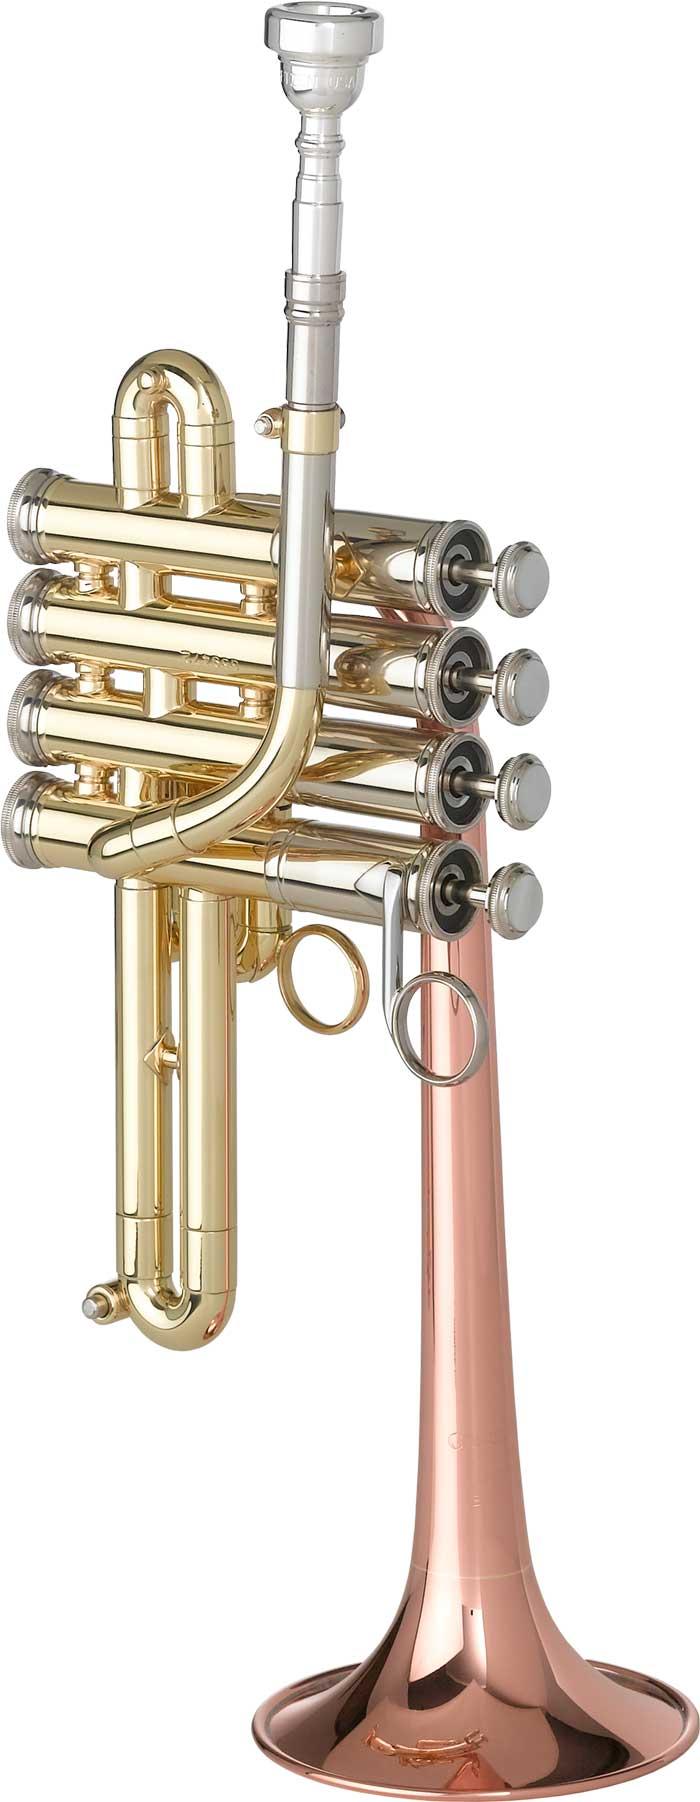 3916 Piccolo Trumpet